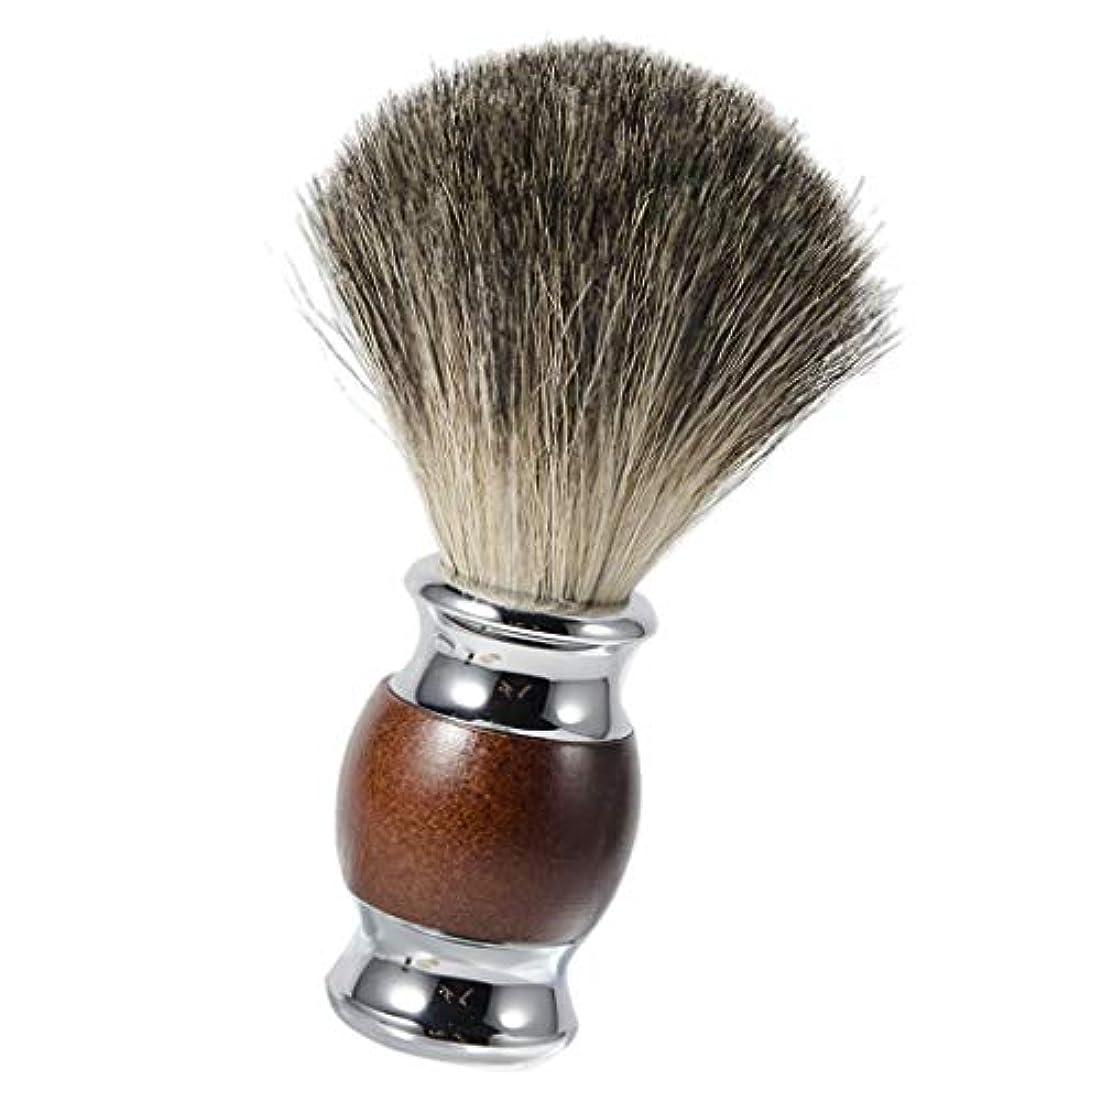 朝食を食べるアナロジーロッカーメンズ用 髭剃り ブラシ シェービングブラシ 木製ハンドル 理容 洗顔 髭剃り ギフト